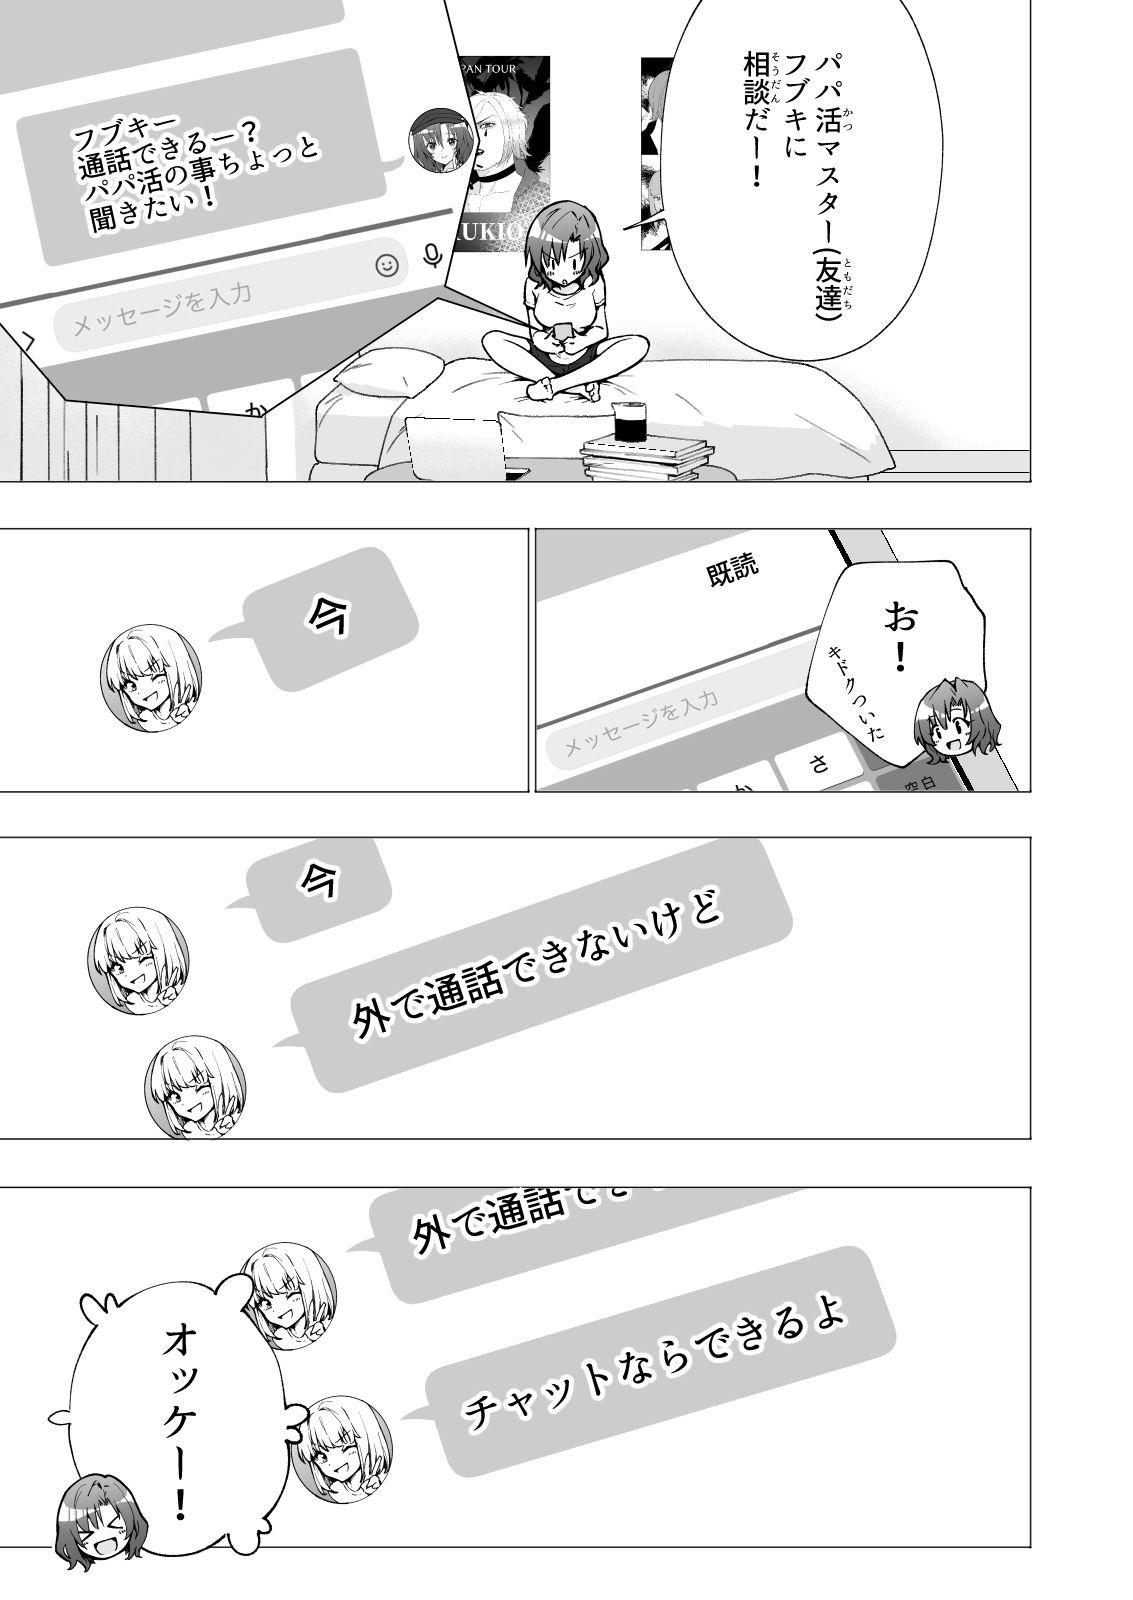 【エロ漫画】パパ活はじめました2~女子大生編(2)~お金目的なはずが‥「サークル:かみか堂」【同人誌・コミック】#5